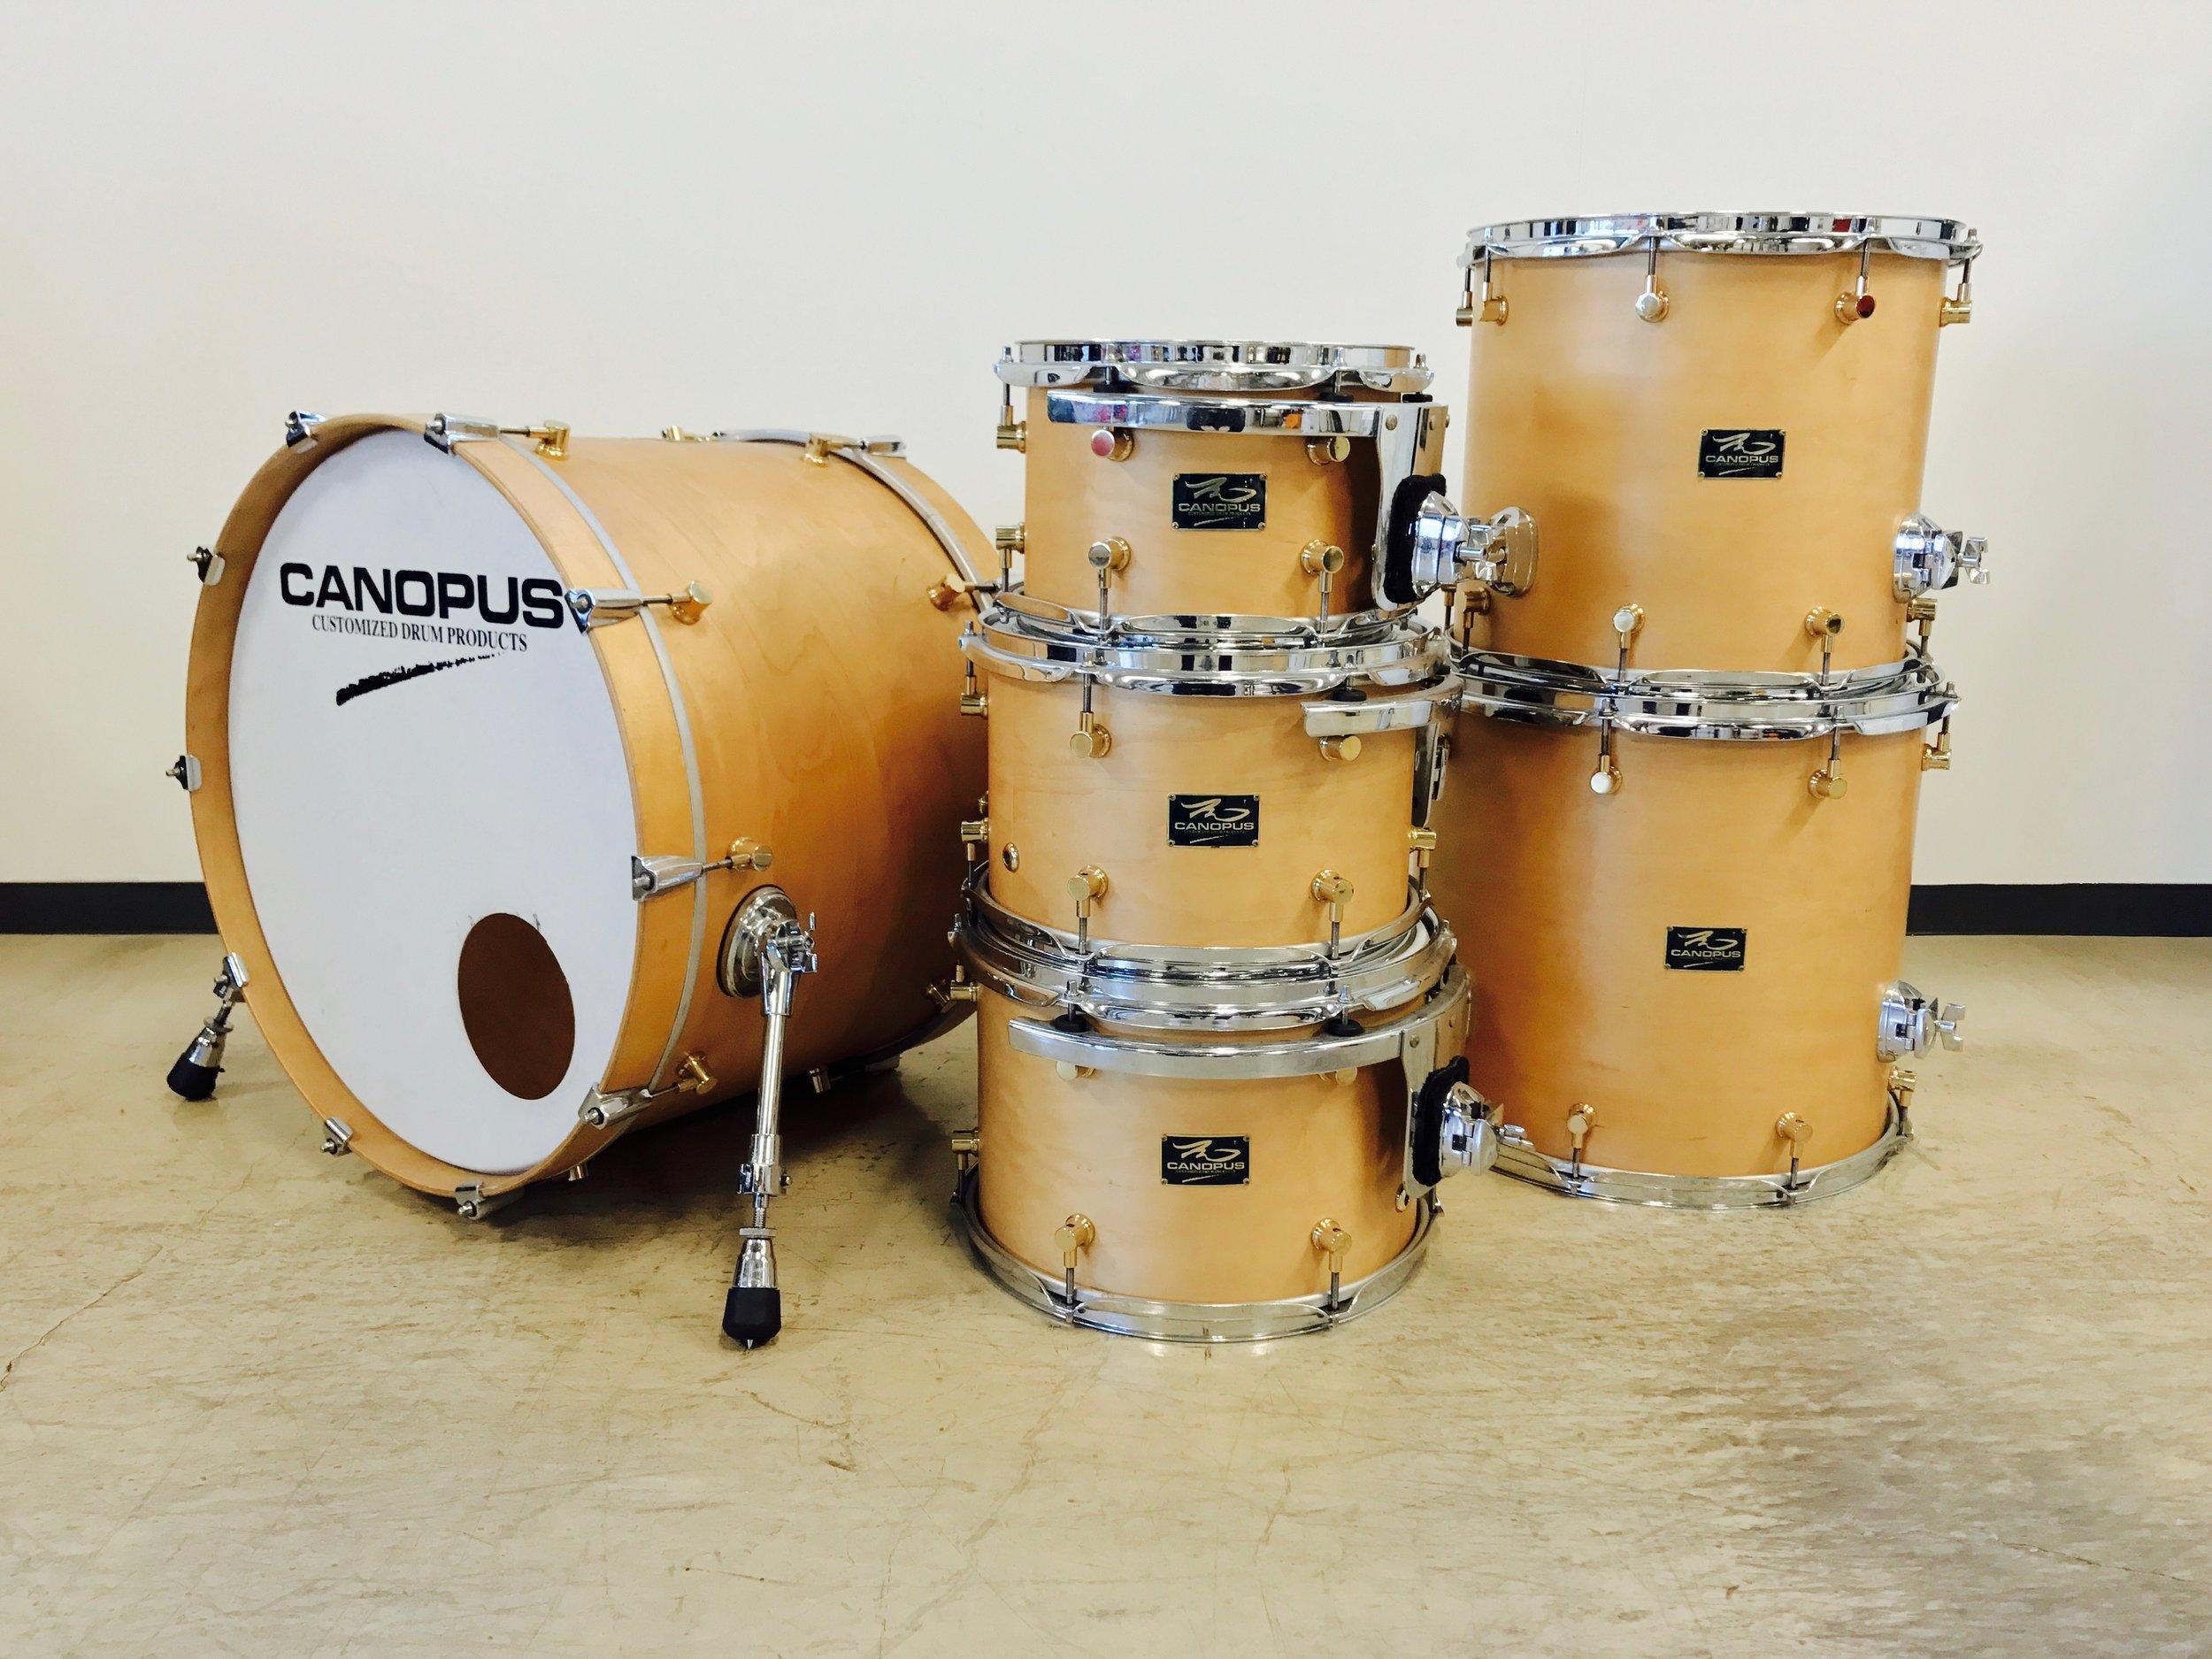 CANOPUS - RFM Series Maple Natural OilRack Tom 10